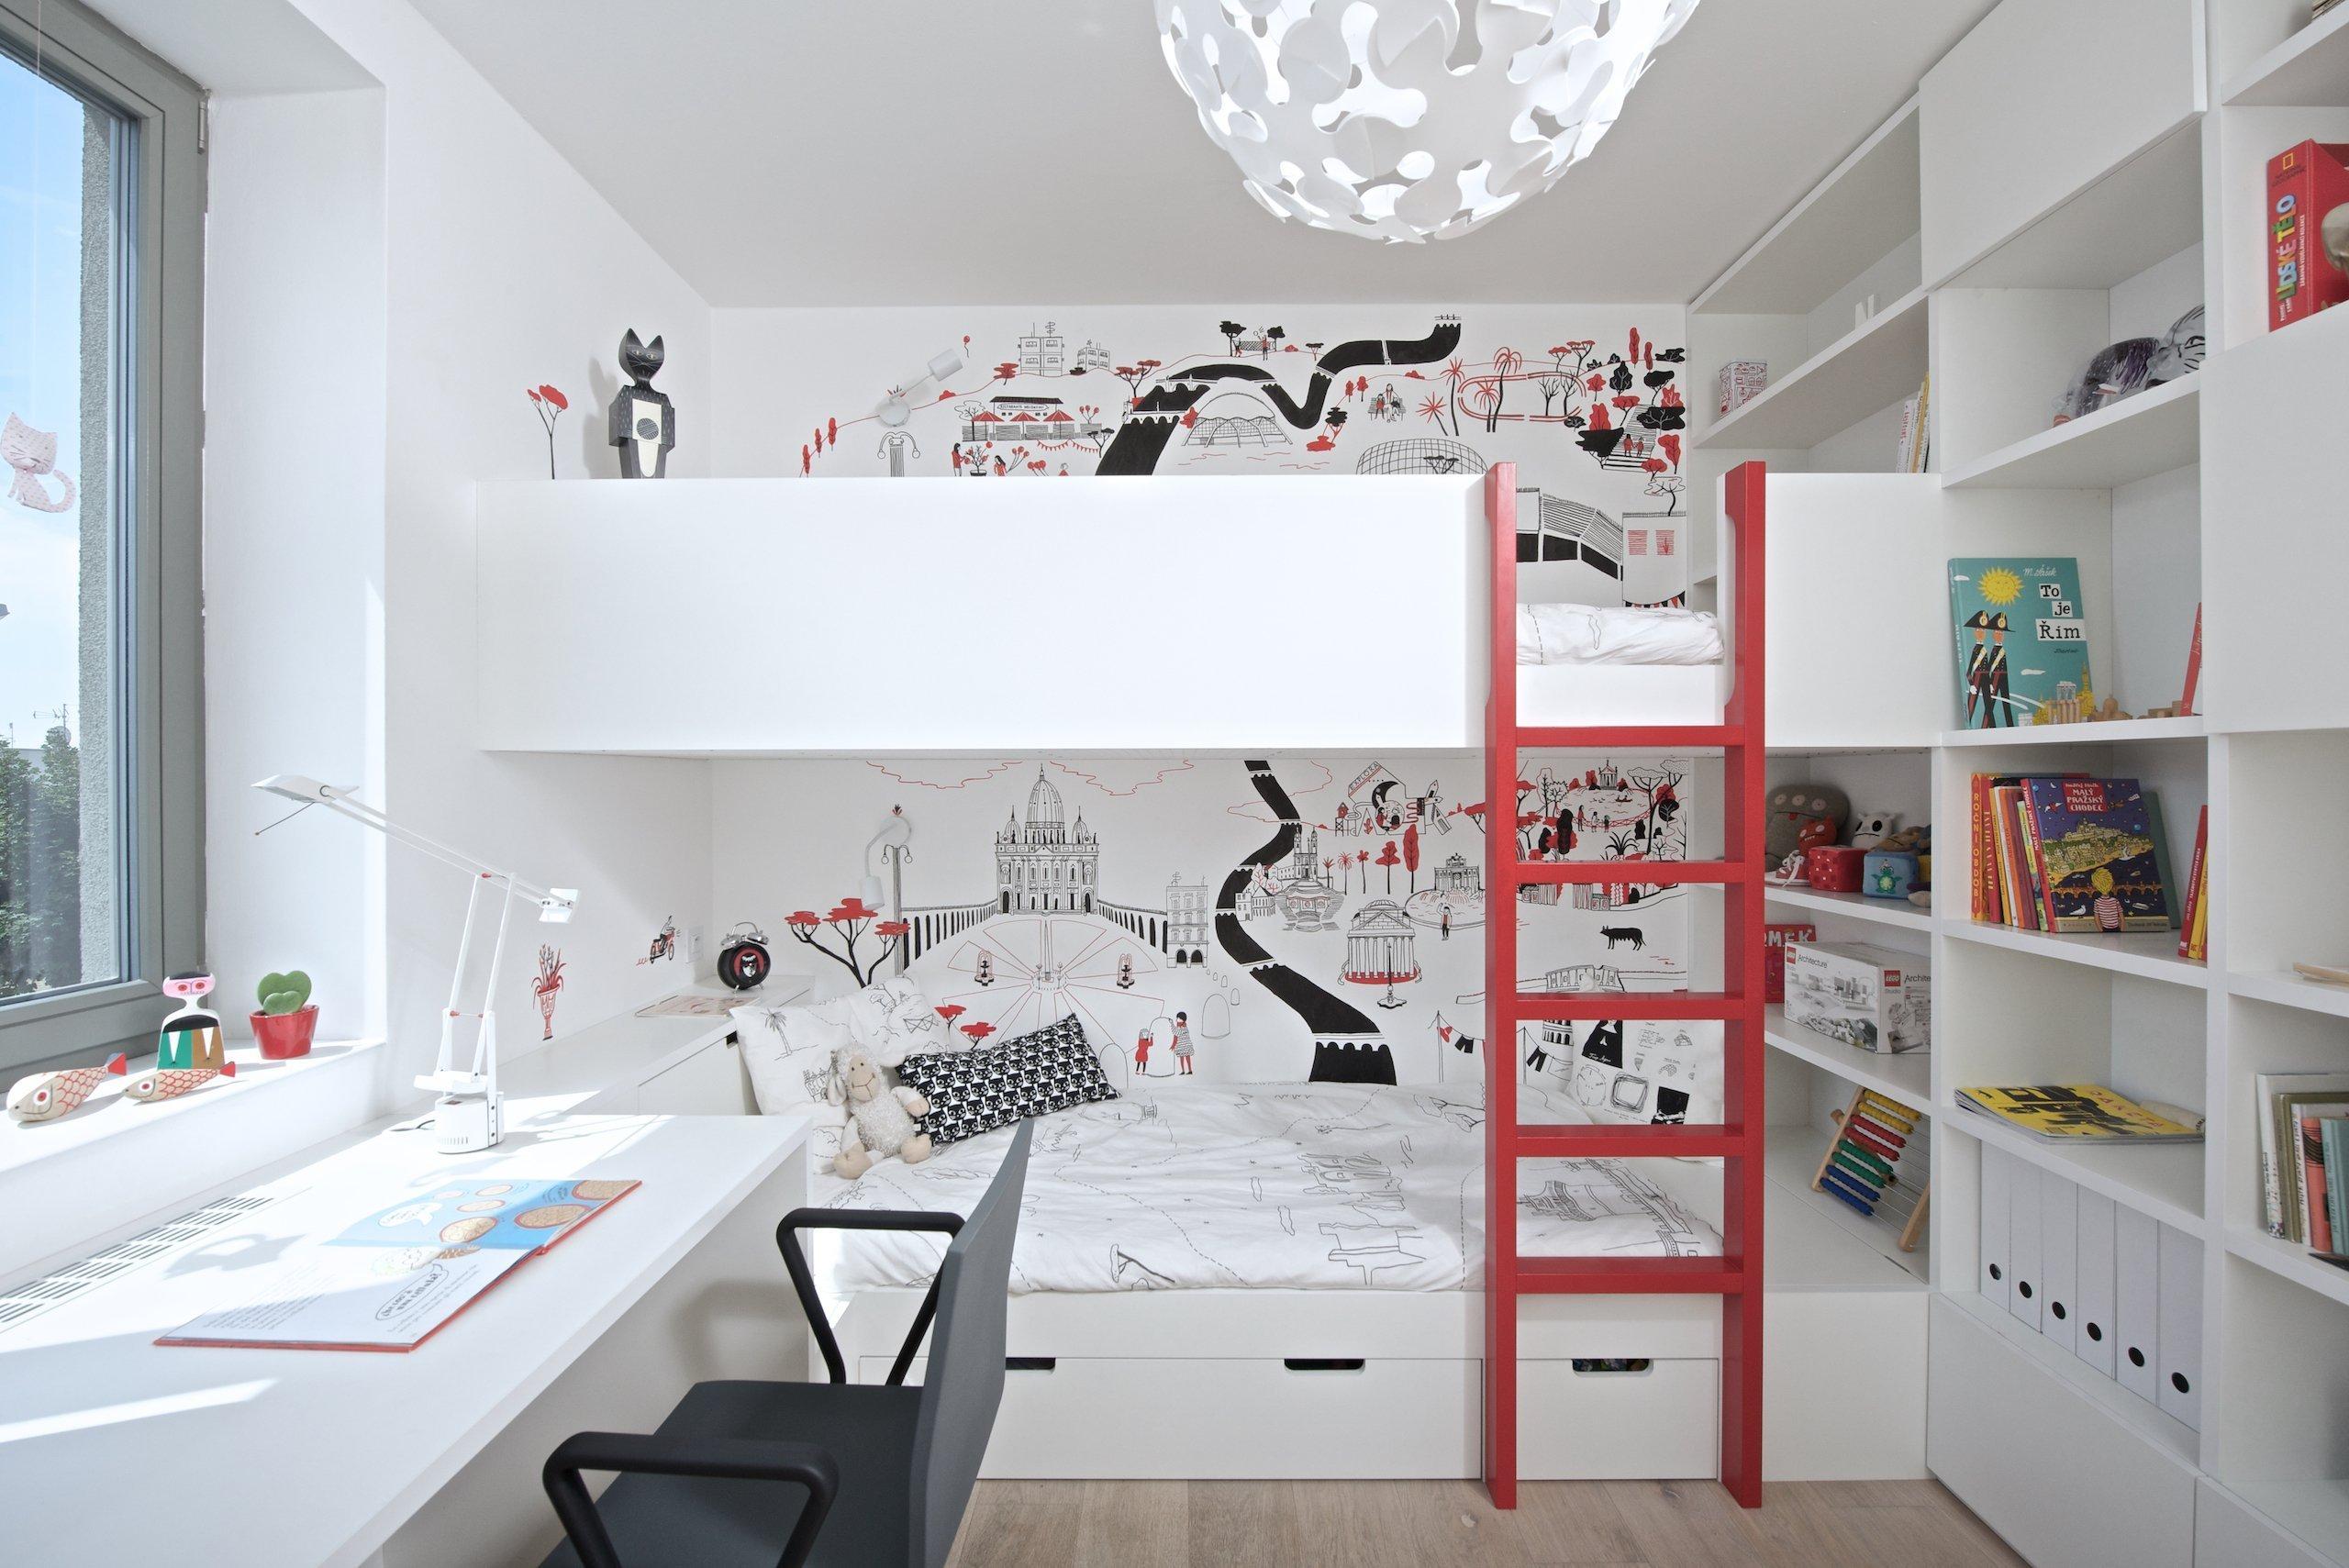 Dětský pokoj dvou dívek byl řešen kompletně na míru na základě požadavků na úložný prostor, prostor pro hraní aučení. Pro realizaci bylo využito…